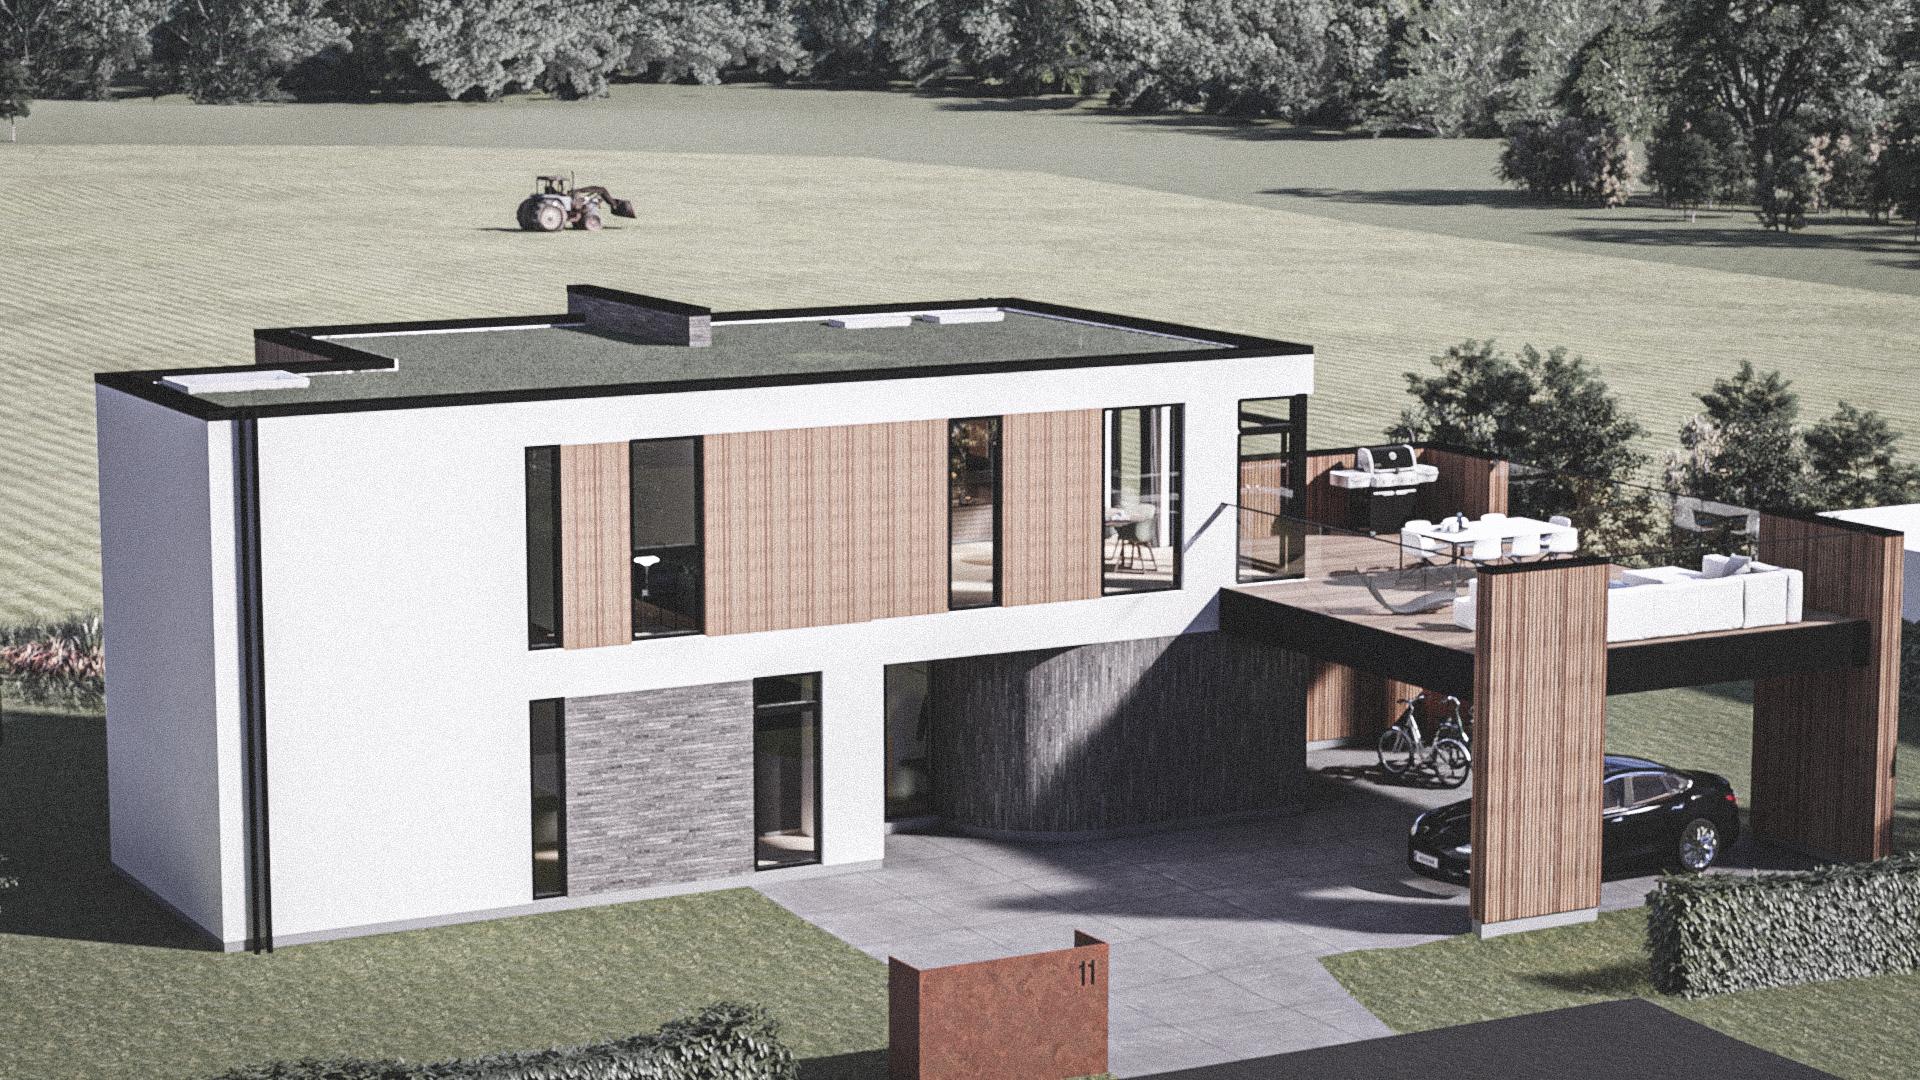 Billede af Dansk arkitekttegnet 2 plan villa af arkitektfirmaet m2plus, i Thisted på 221 kvartratmeter.